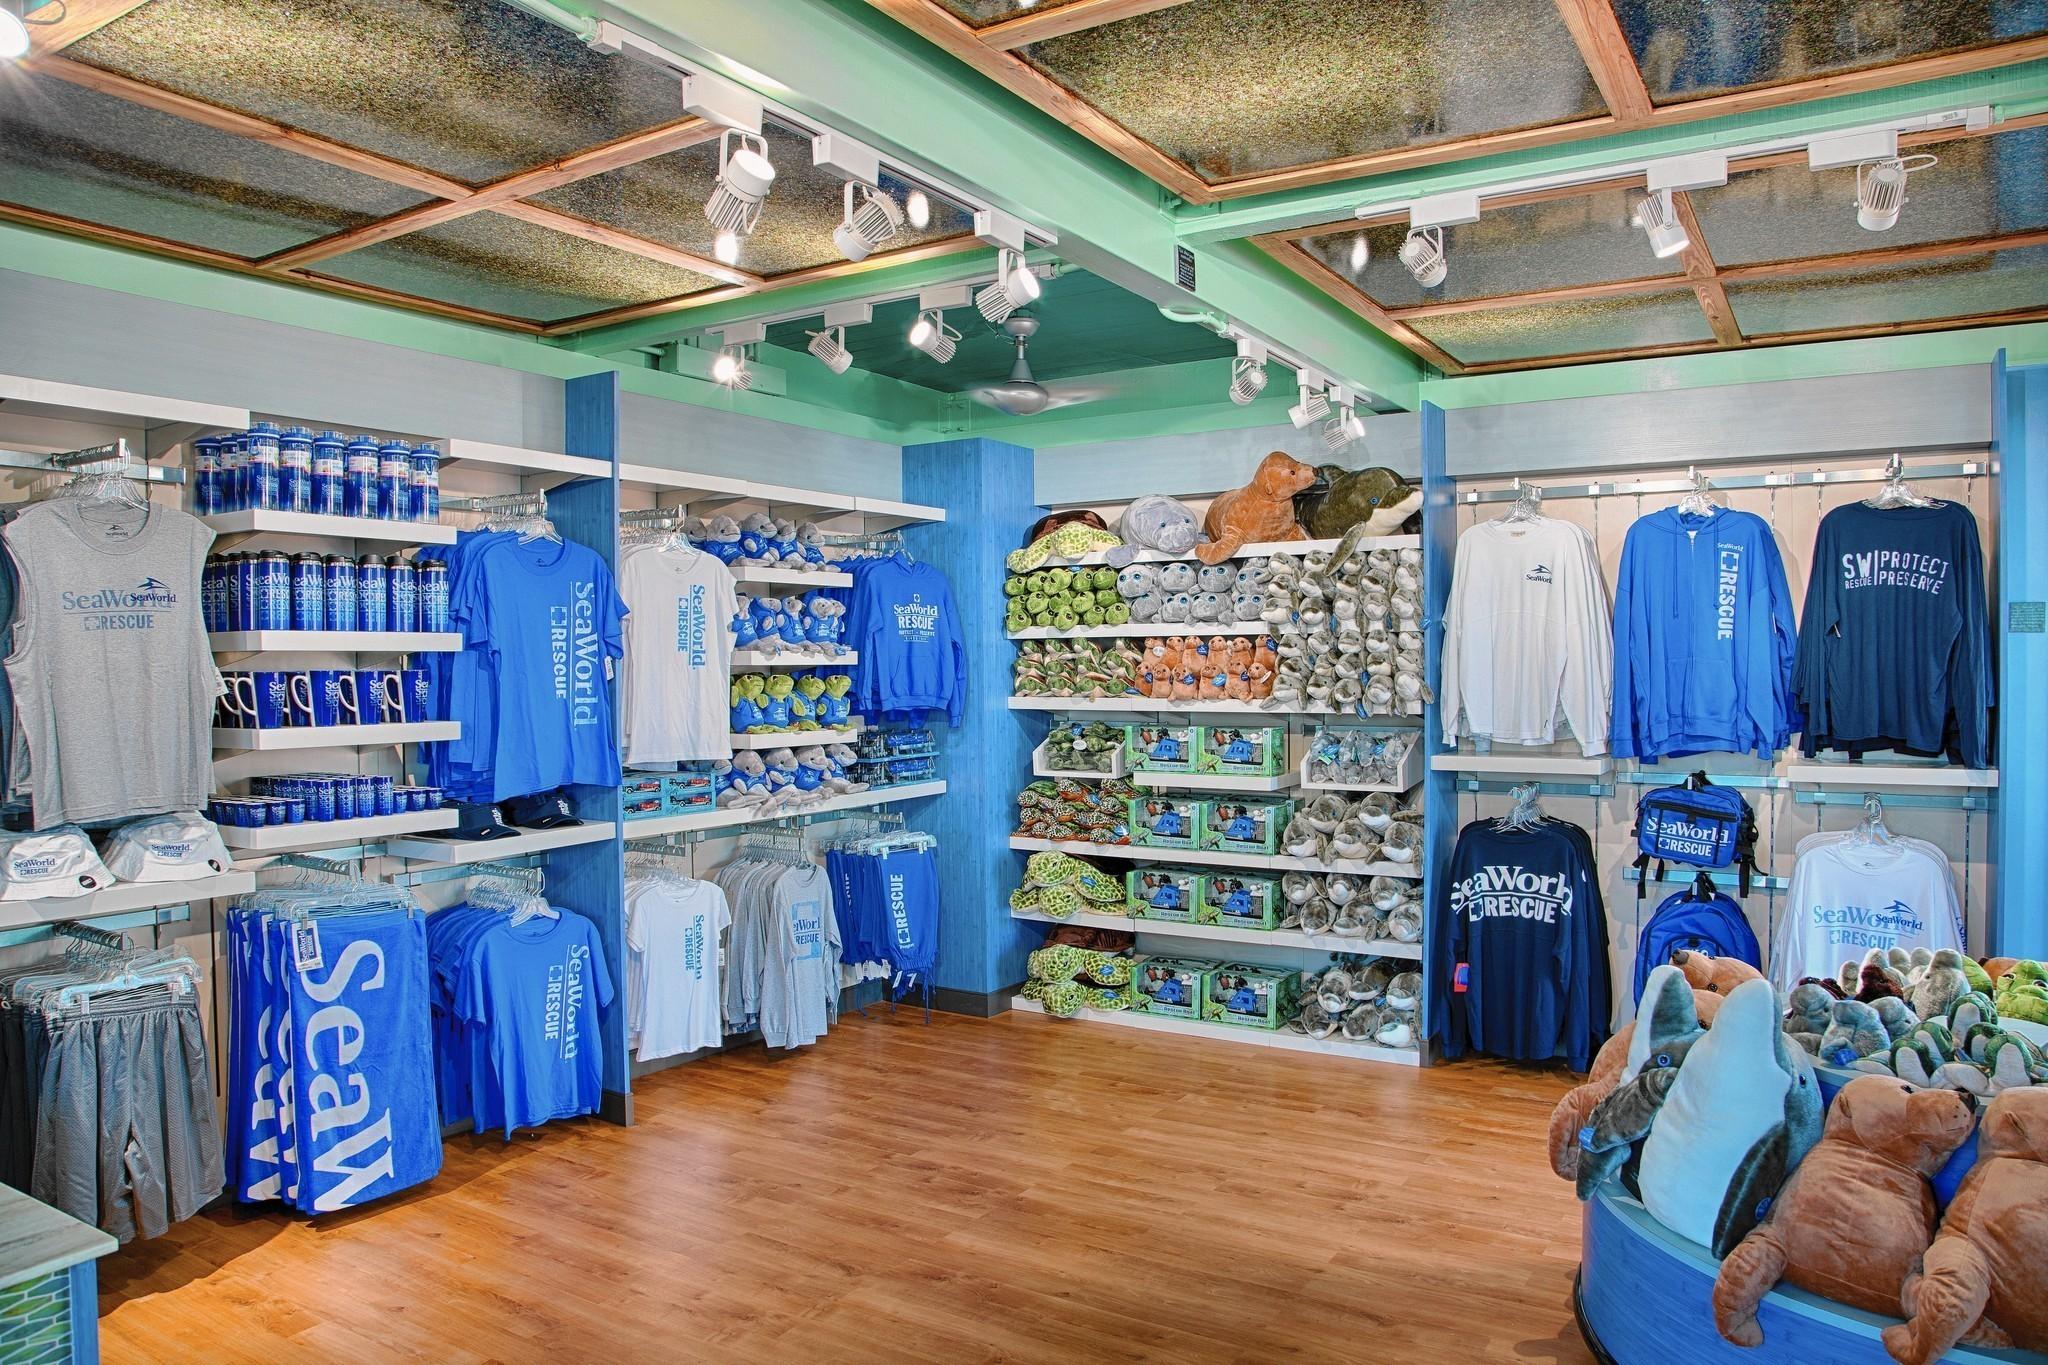 Seaworld Rescue Store Opens Orlando Sentinel